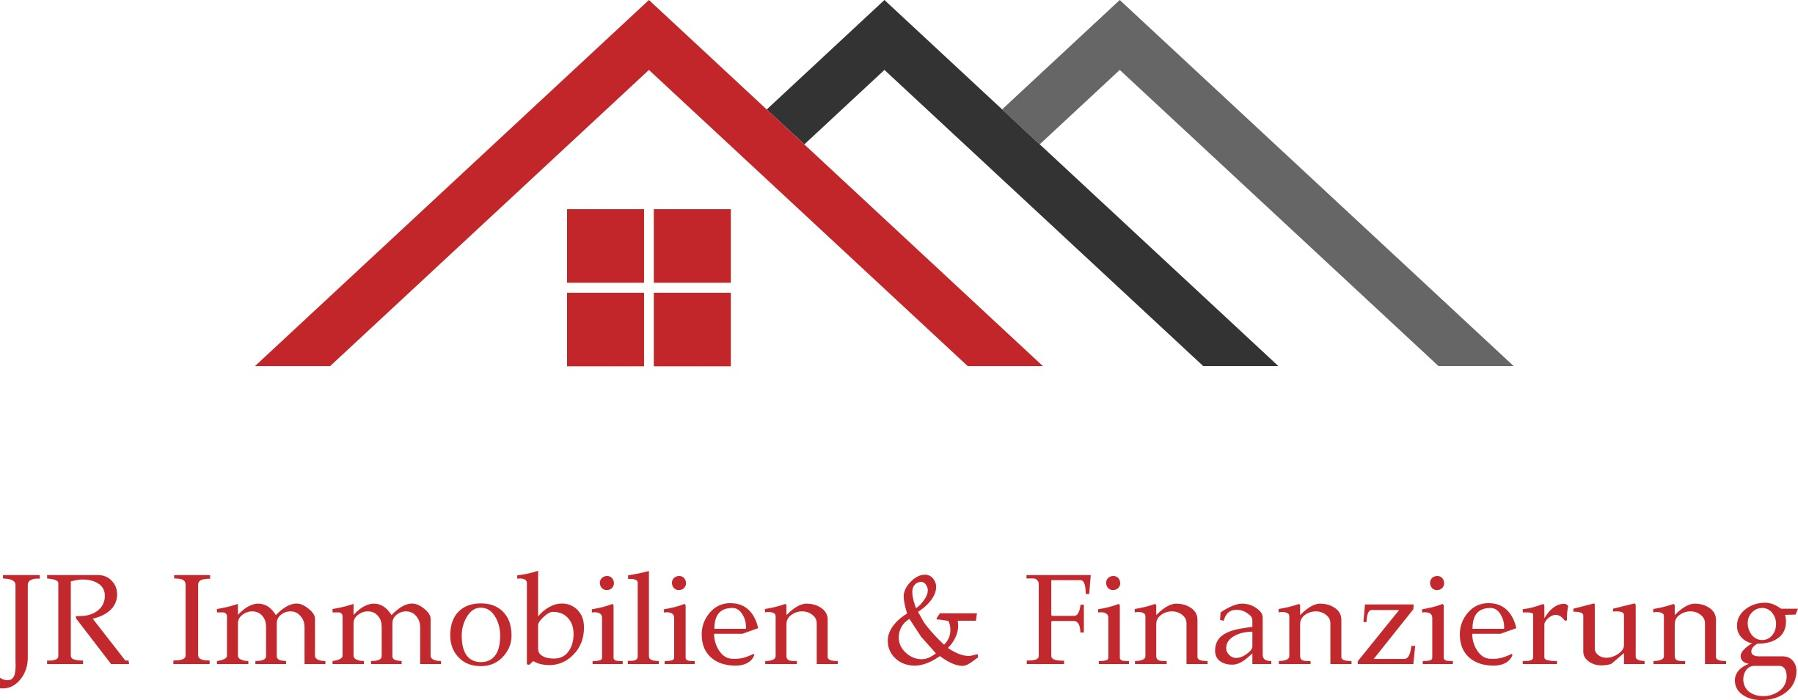 Bild zu JR Immobilien & Finanzierung in Herdecke